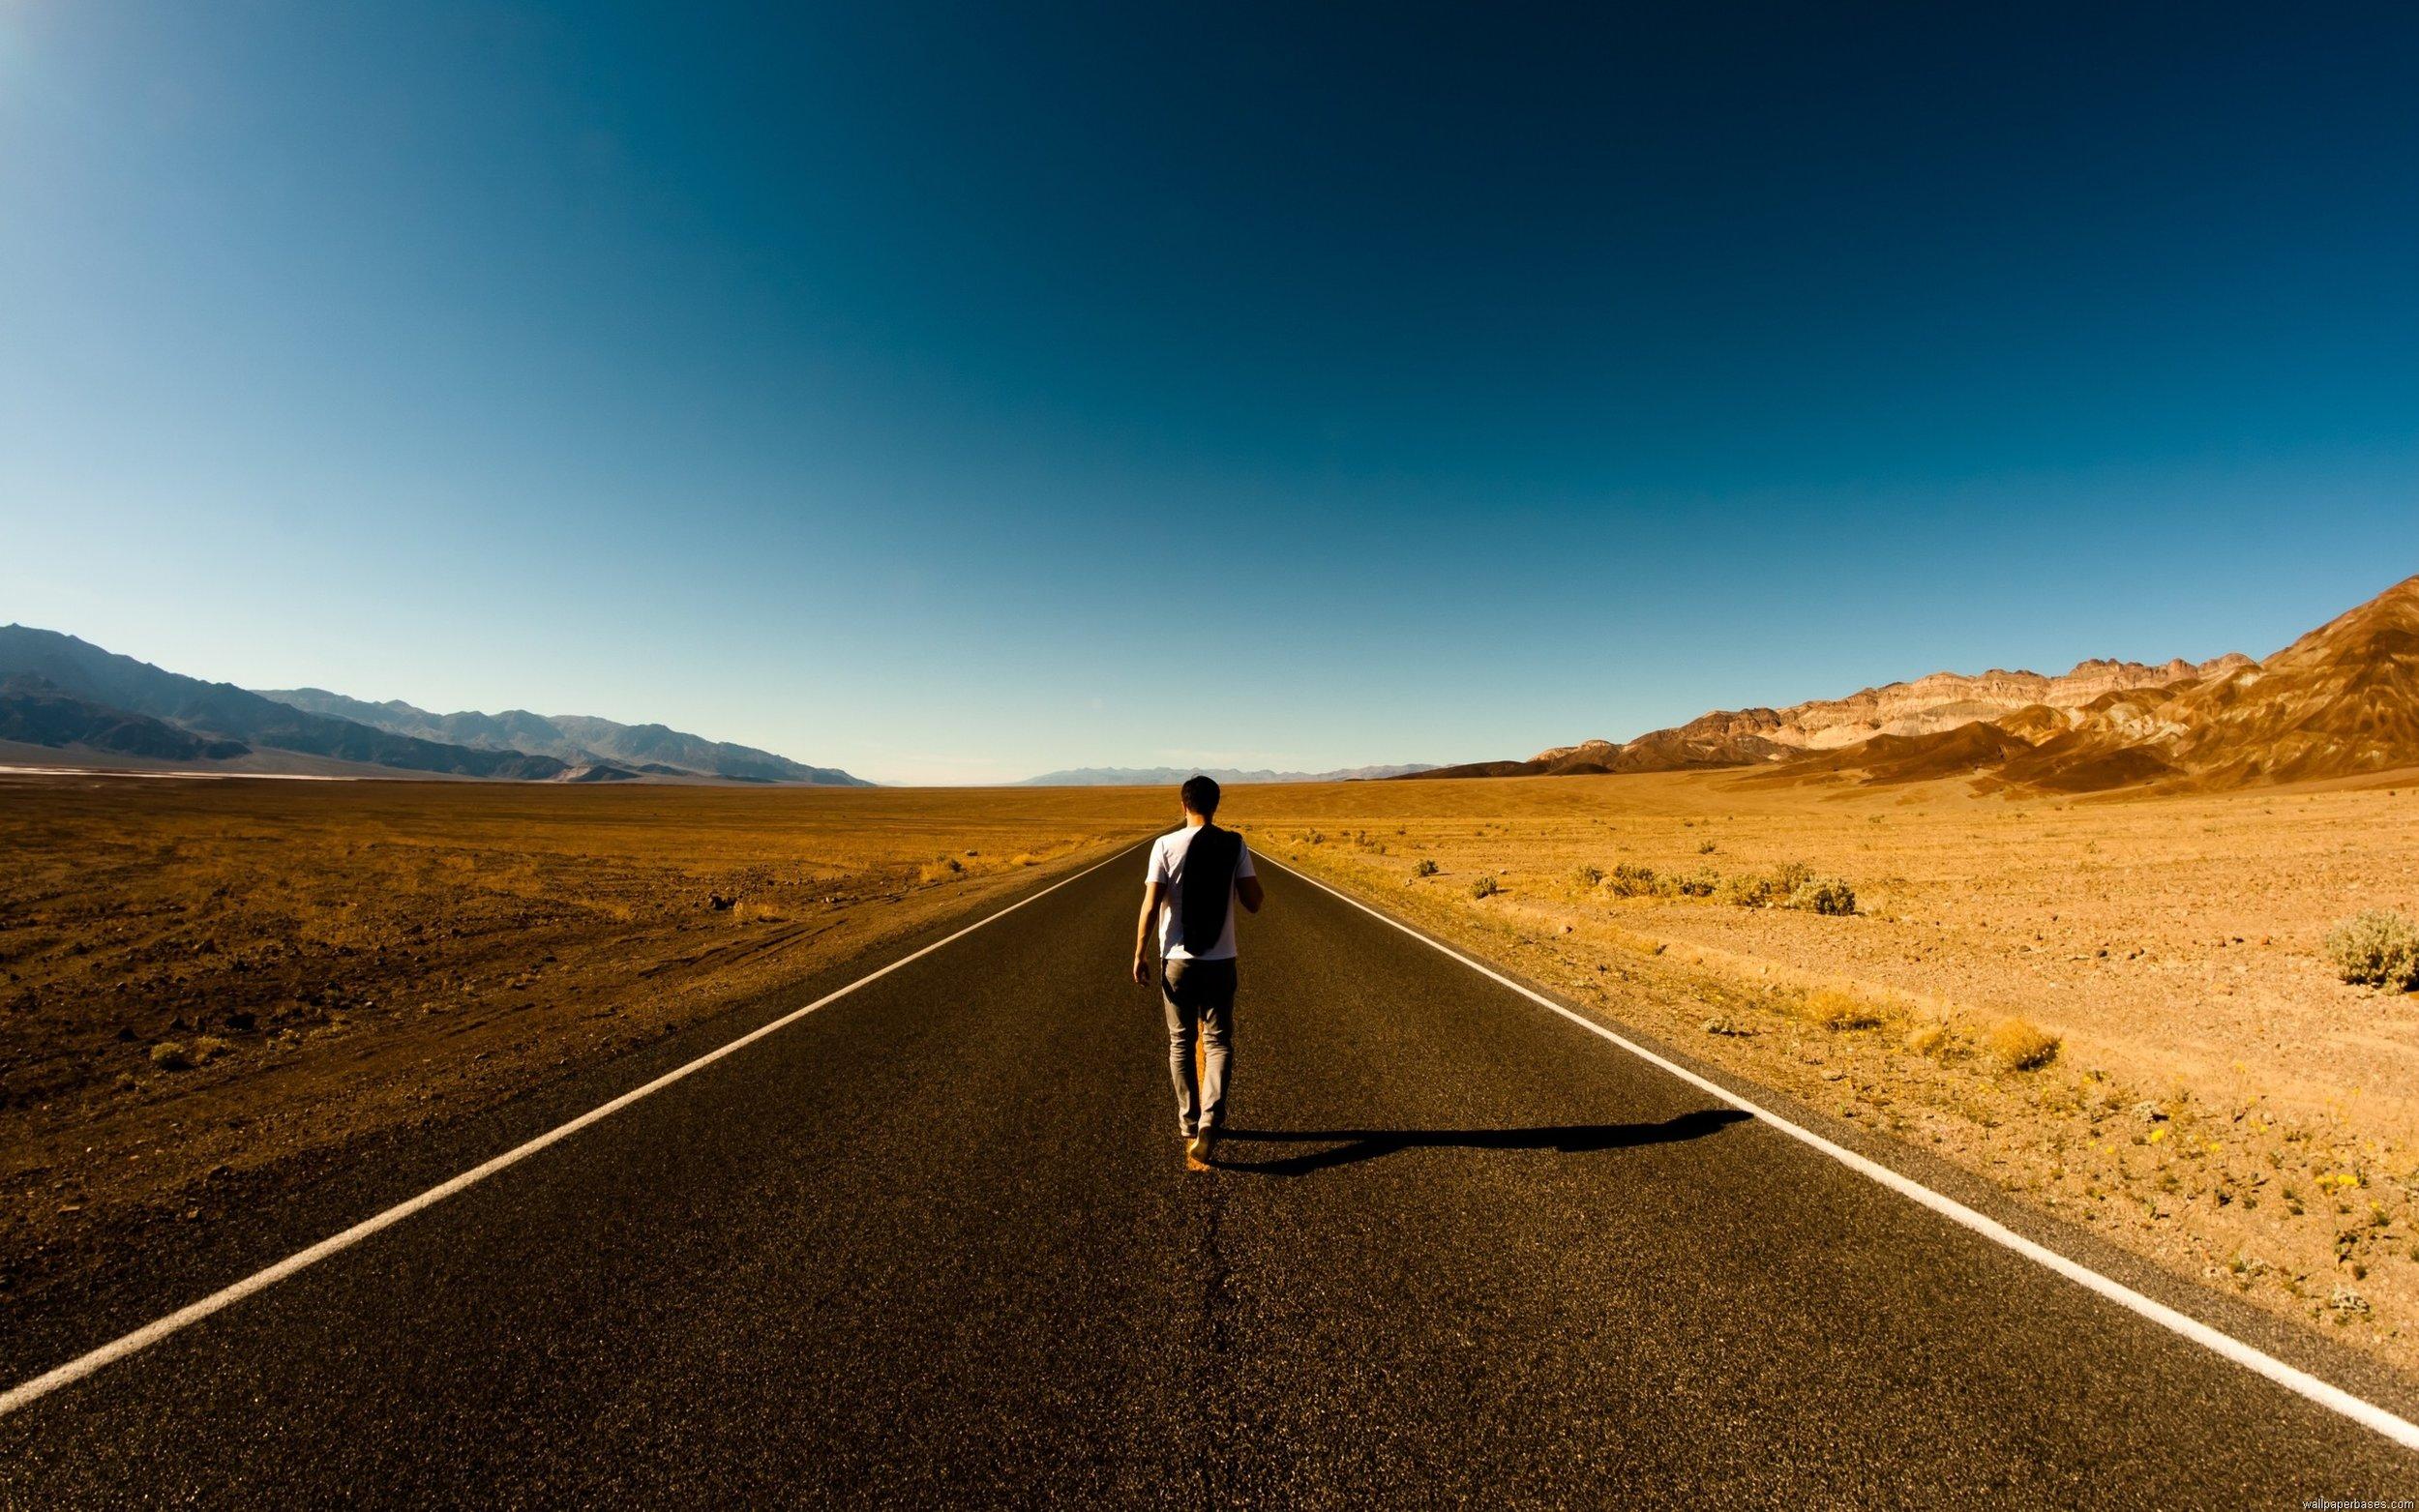 Man Walking On Highway.jpg